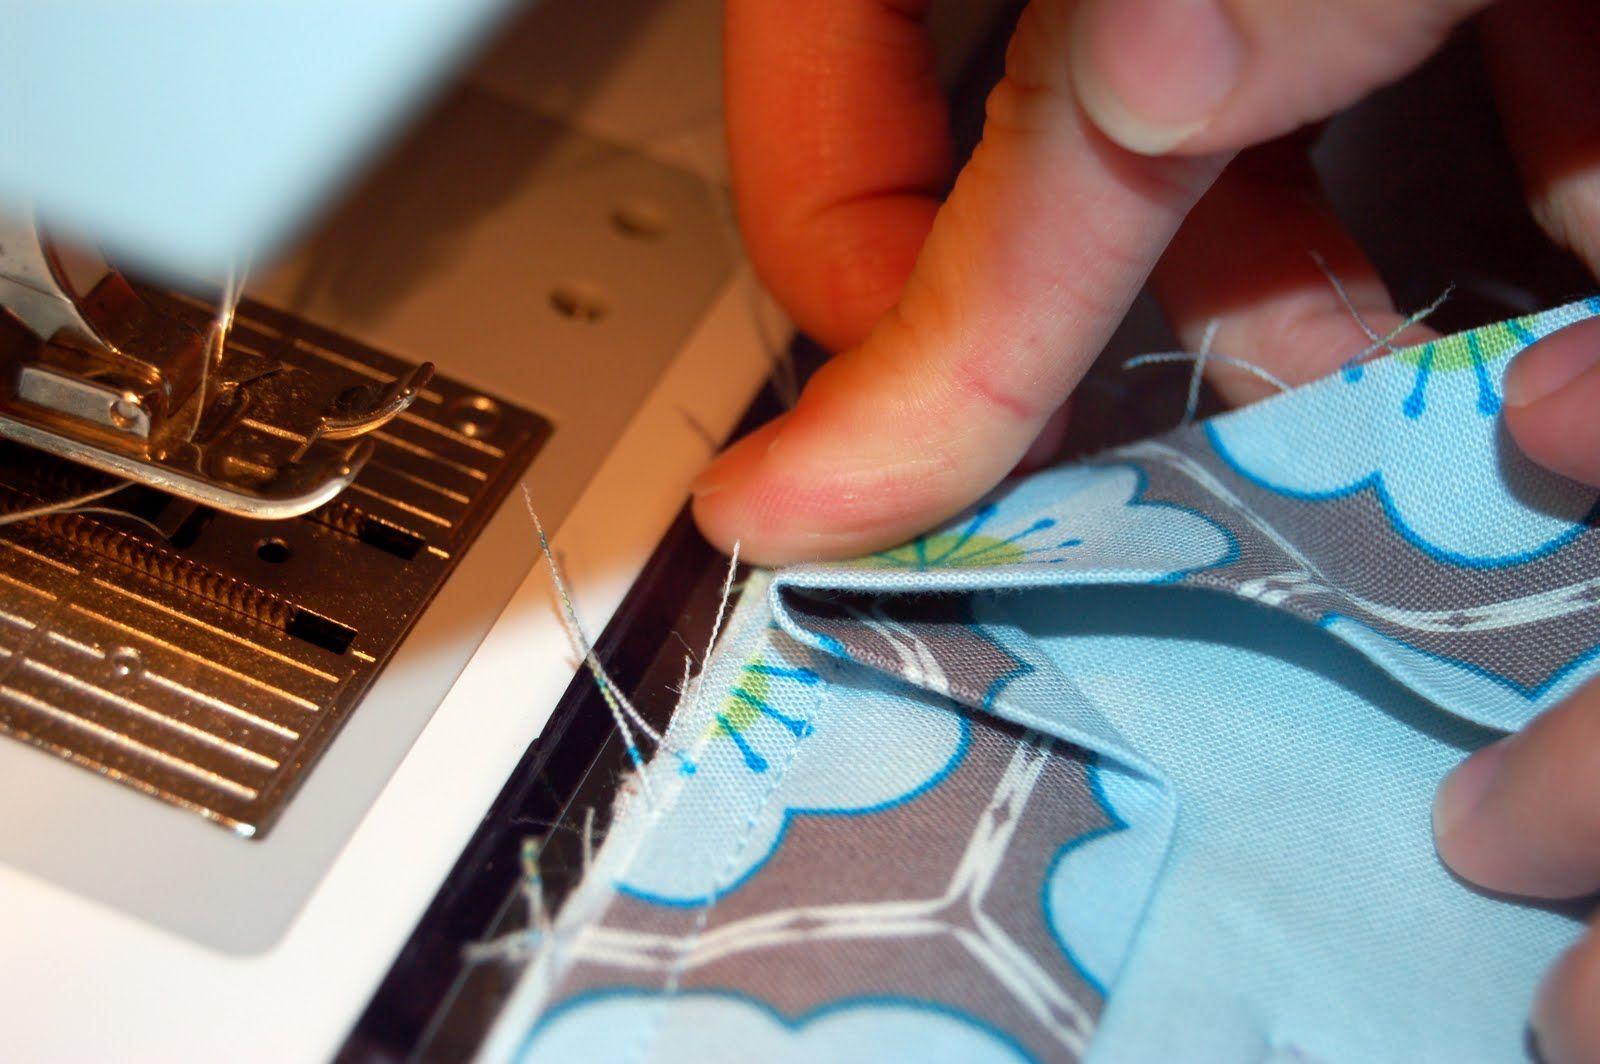 Diy binding a quilt icandy handmade quilt binding